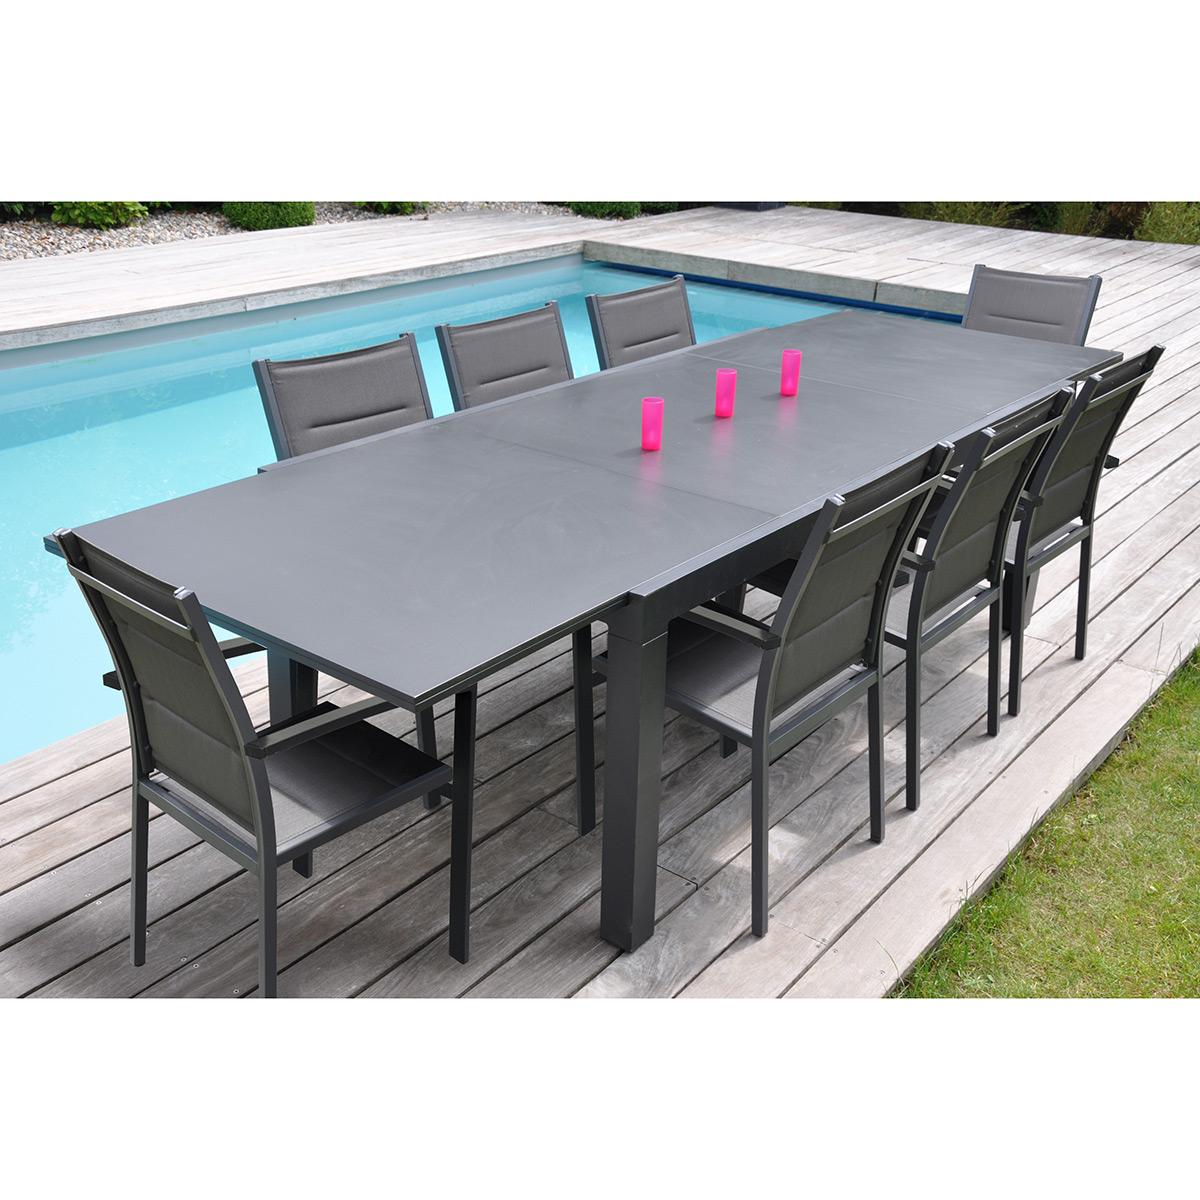 Table de jardin aluminium pas cher mobilier exterieur bois